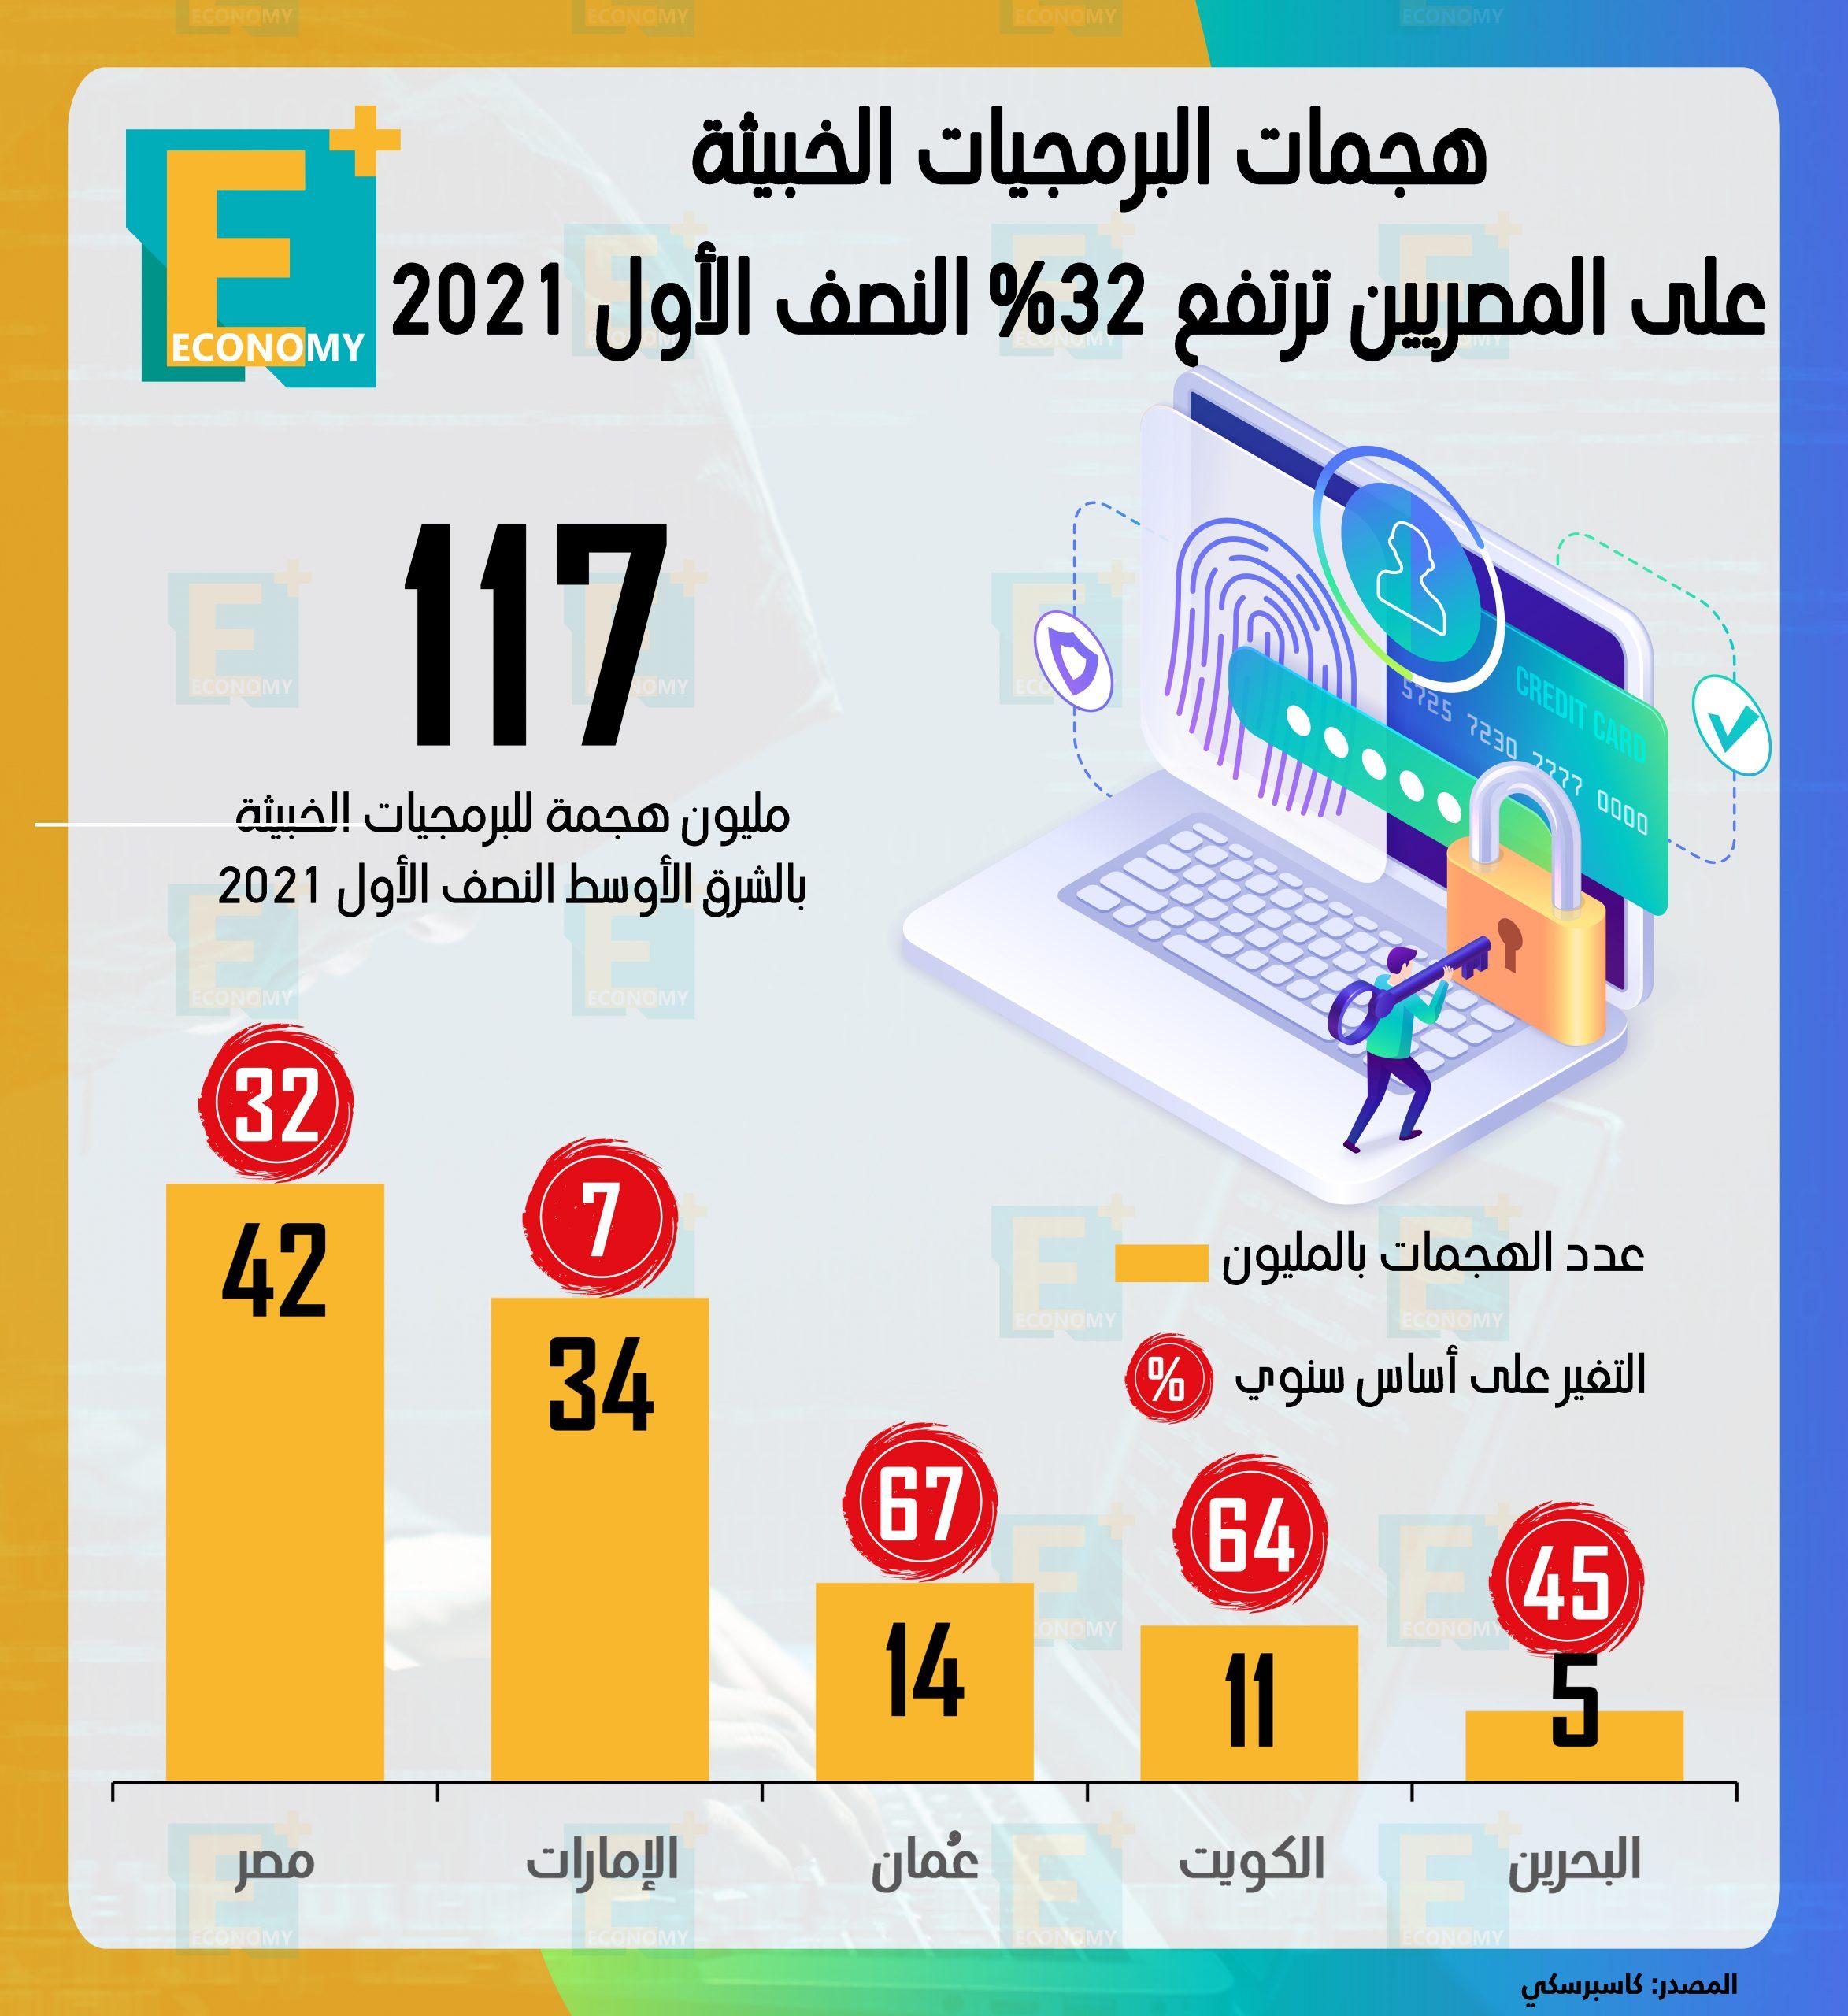 هجمات البرمجيات الخبيثة على المصريين ترتفع 32% النصف الأول 2021